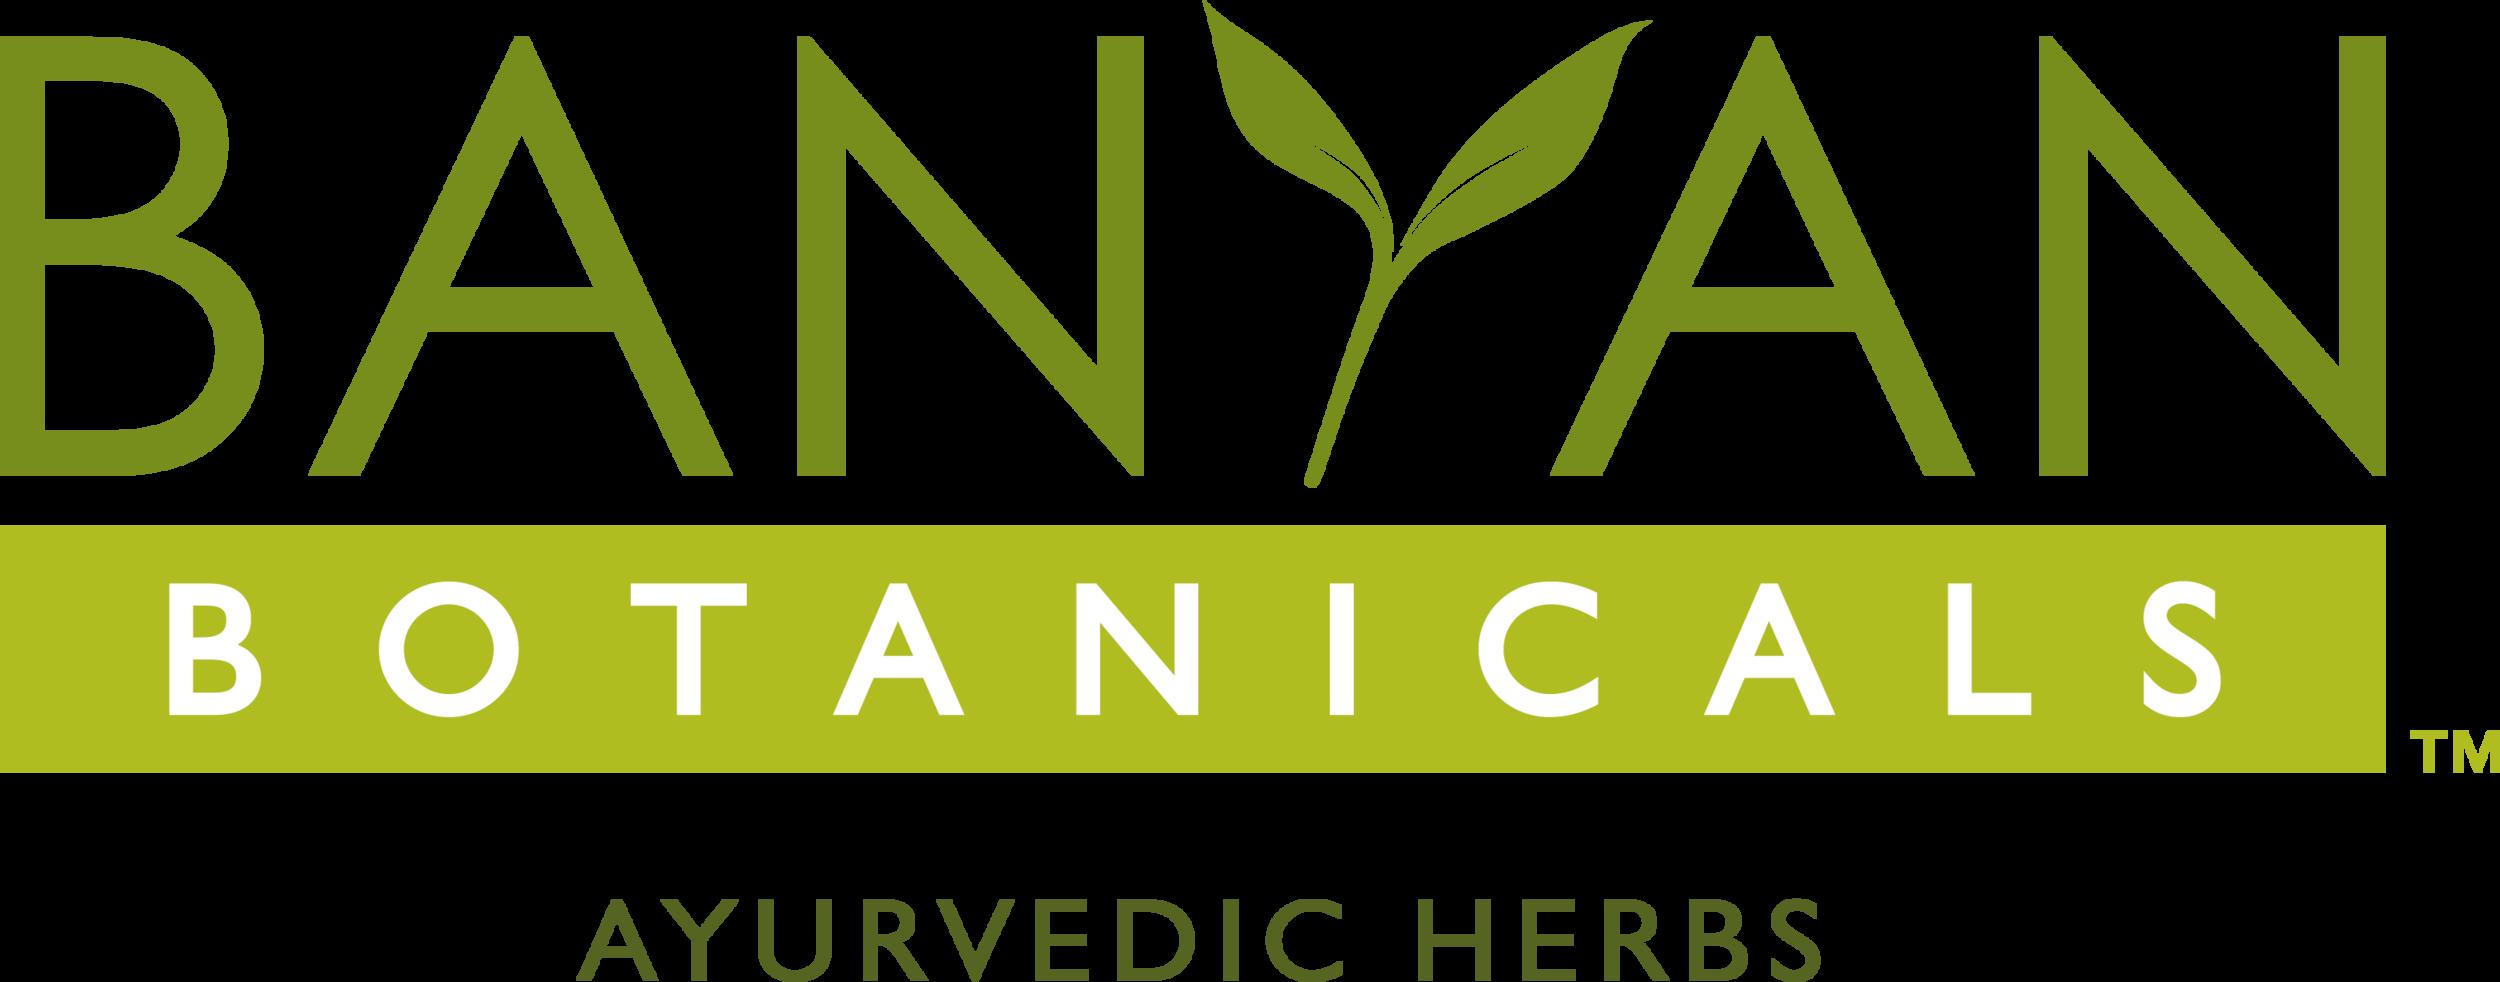 Banyan Botanicals_ logoColor_highRes.png